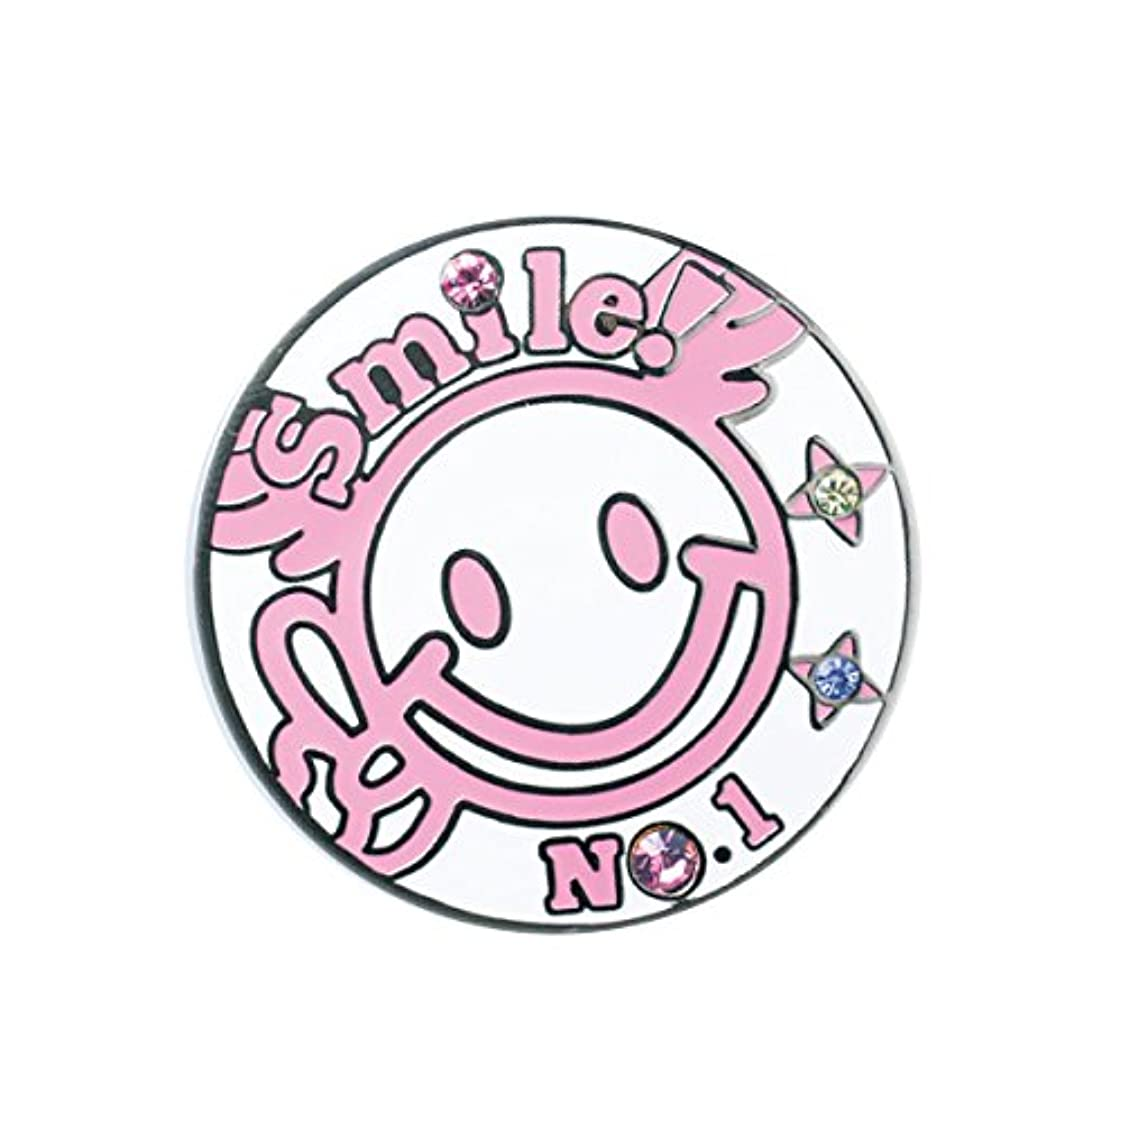 櫛不変器用WINWIN STYLE(ウィンウィンスタイル) メガマーカー SMILE No.1 SMILE No.1 MM-309 ユニセックス MM-309 ピンク デザイン:型打ち製法(七宝仕上げ)/クリスタルストーン入り